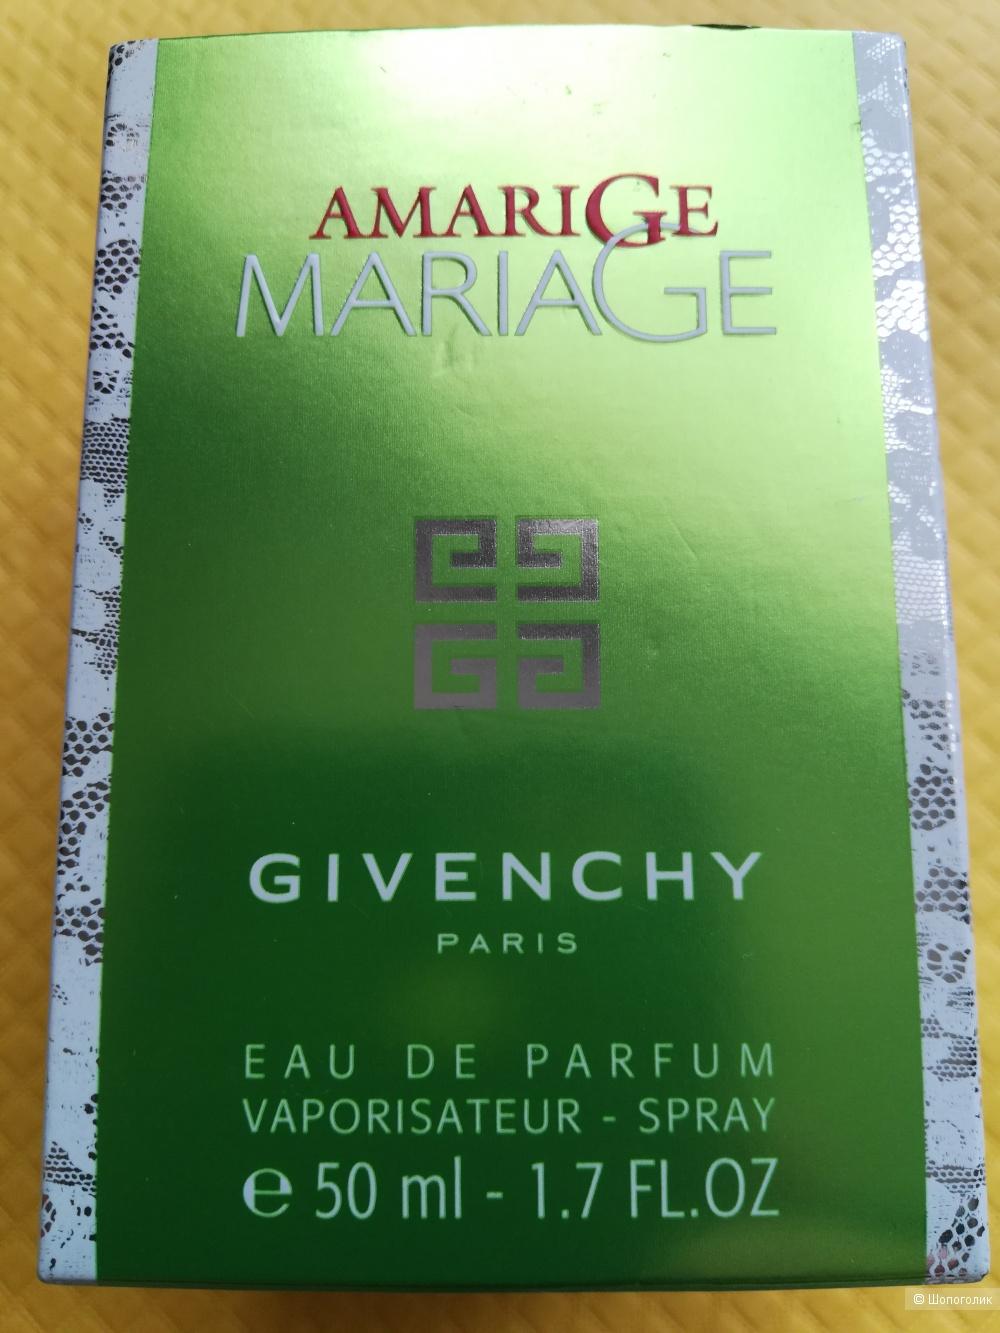 Givenchy Amarige Mariage парфюмерная вода для женщин